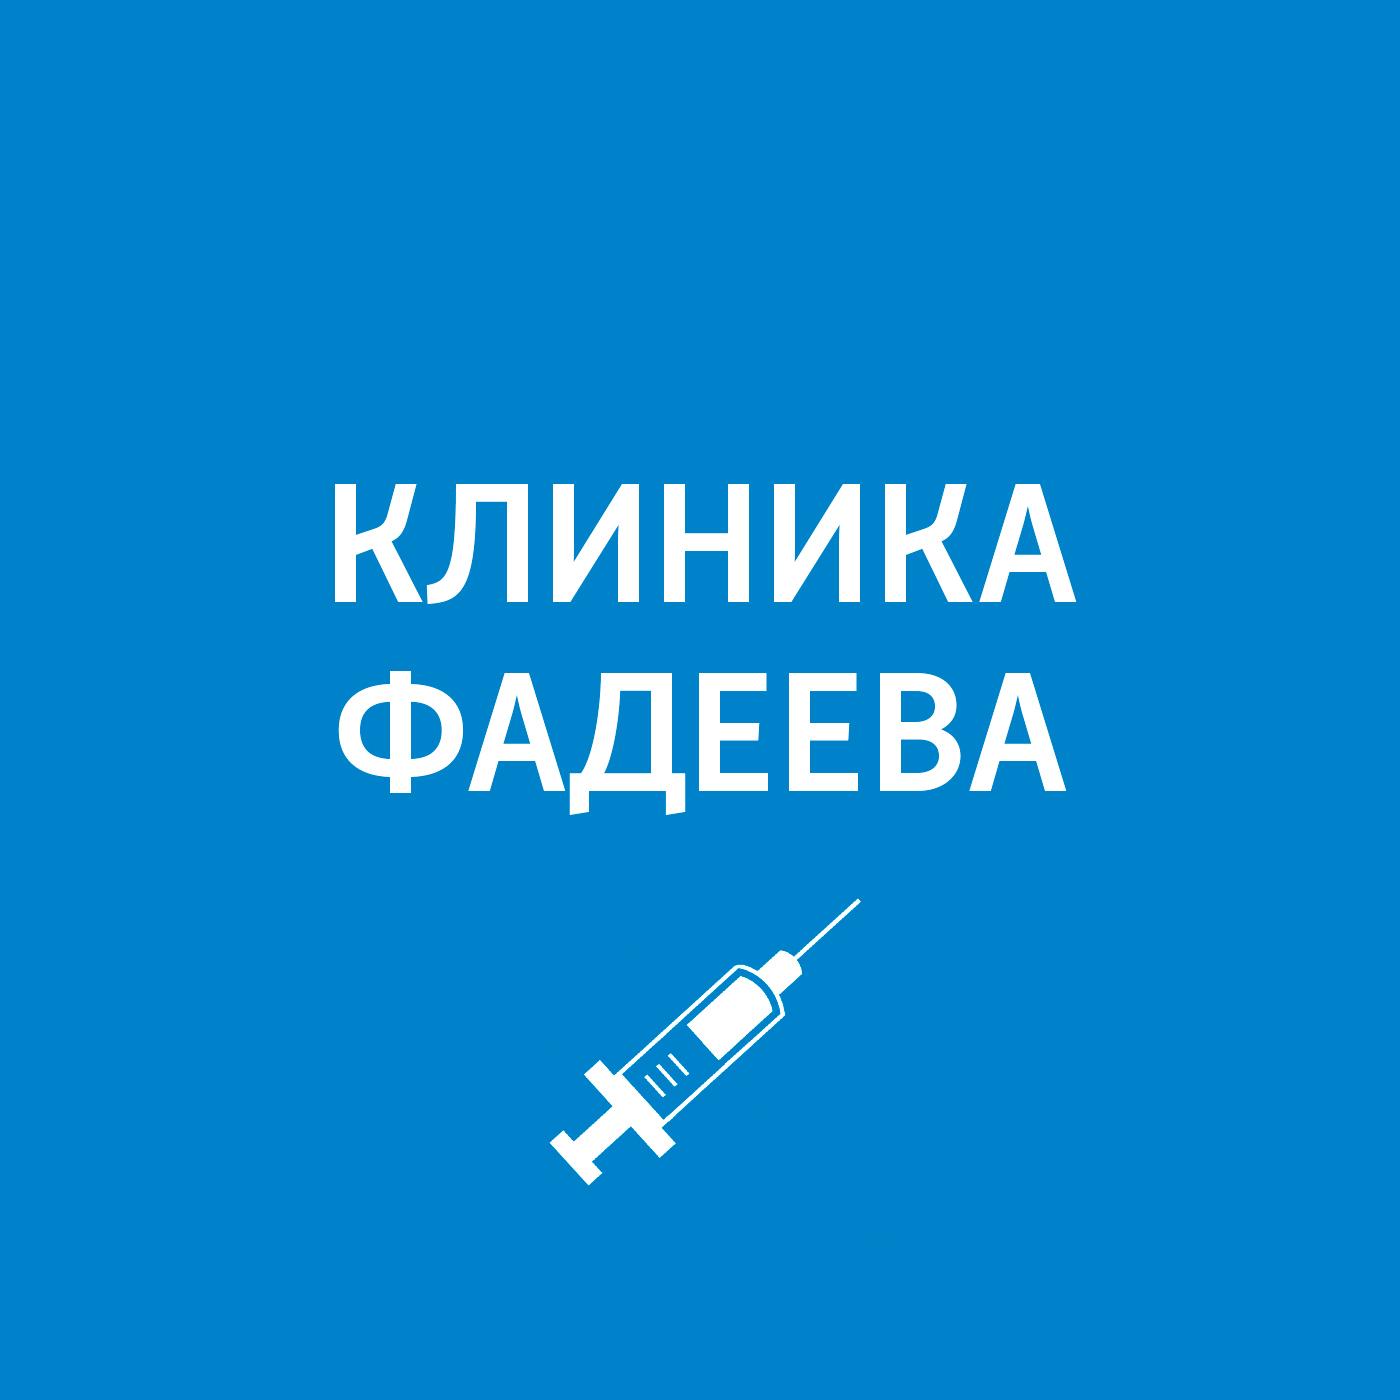 Пётр Фадеев Волосы. Часть 1 пётр фадеев ветеринар герпетолог